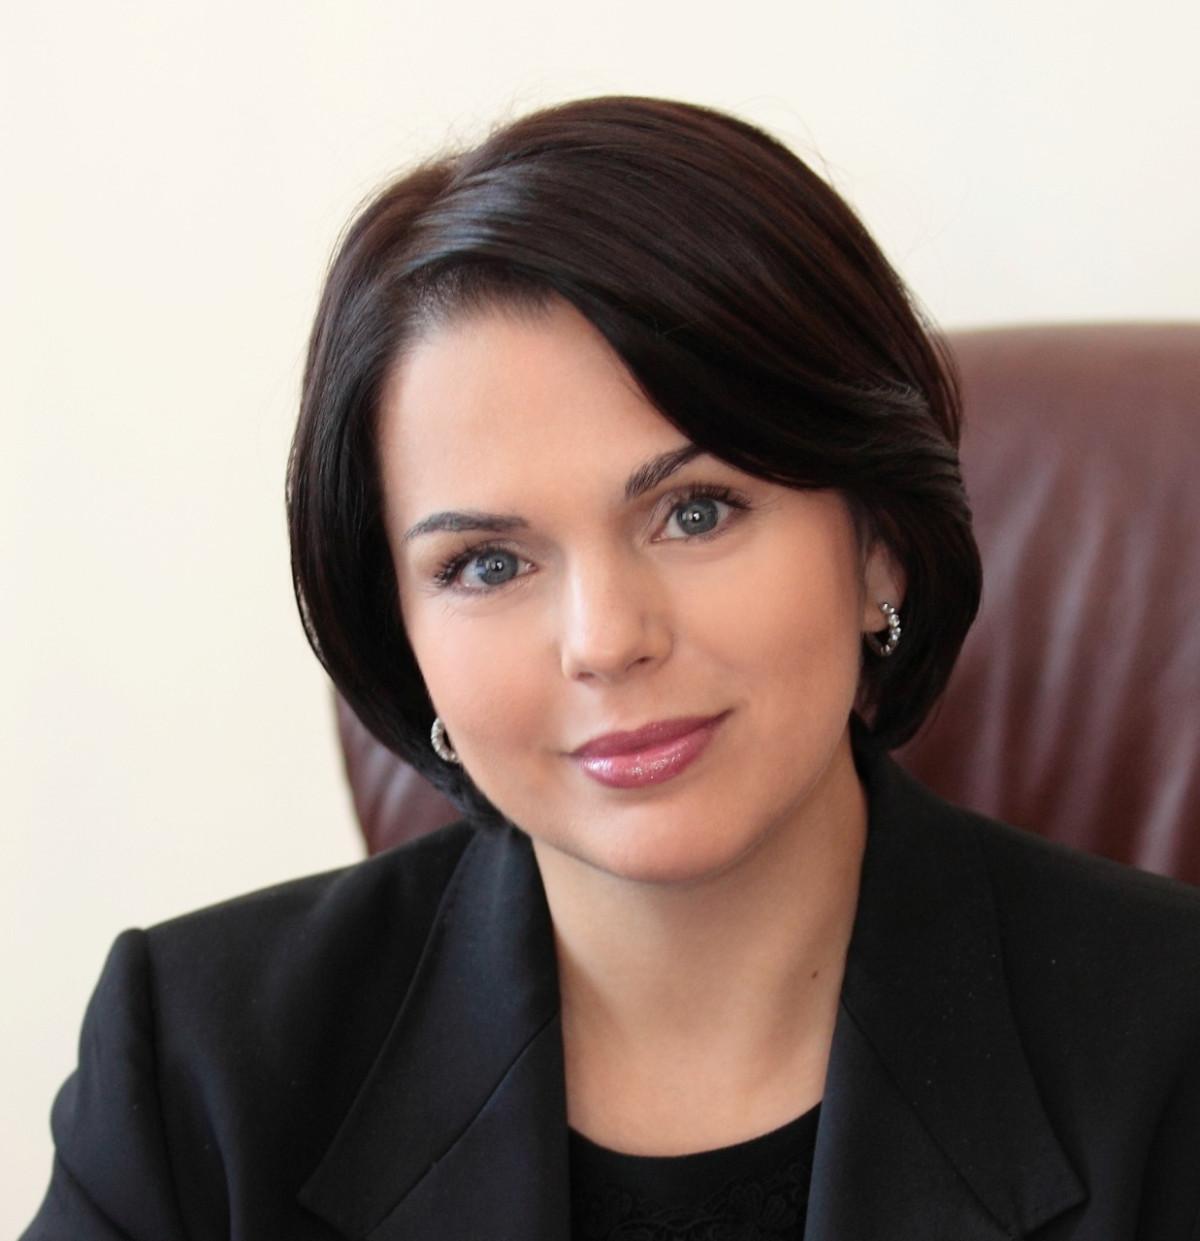 Фото: Пресс-служба Газпромбанка